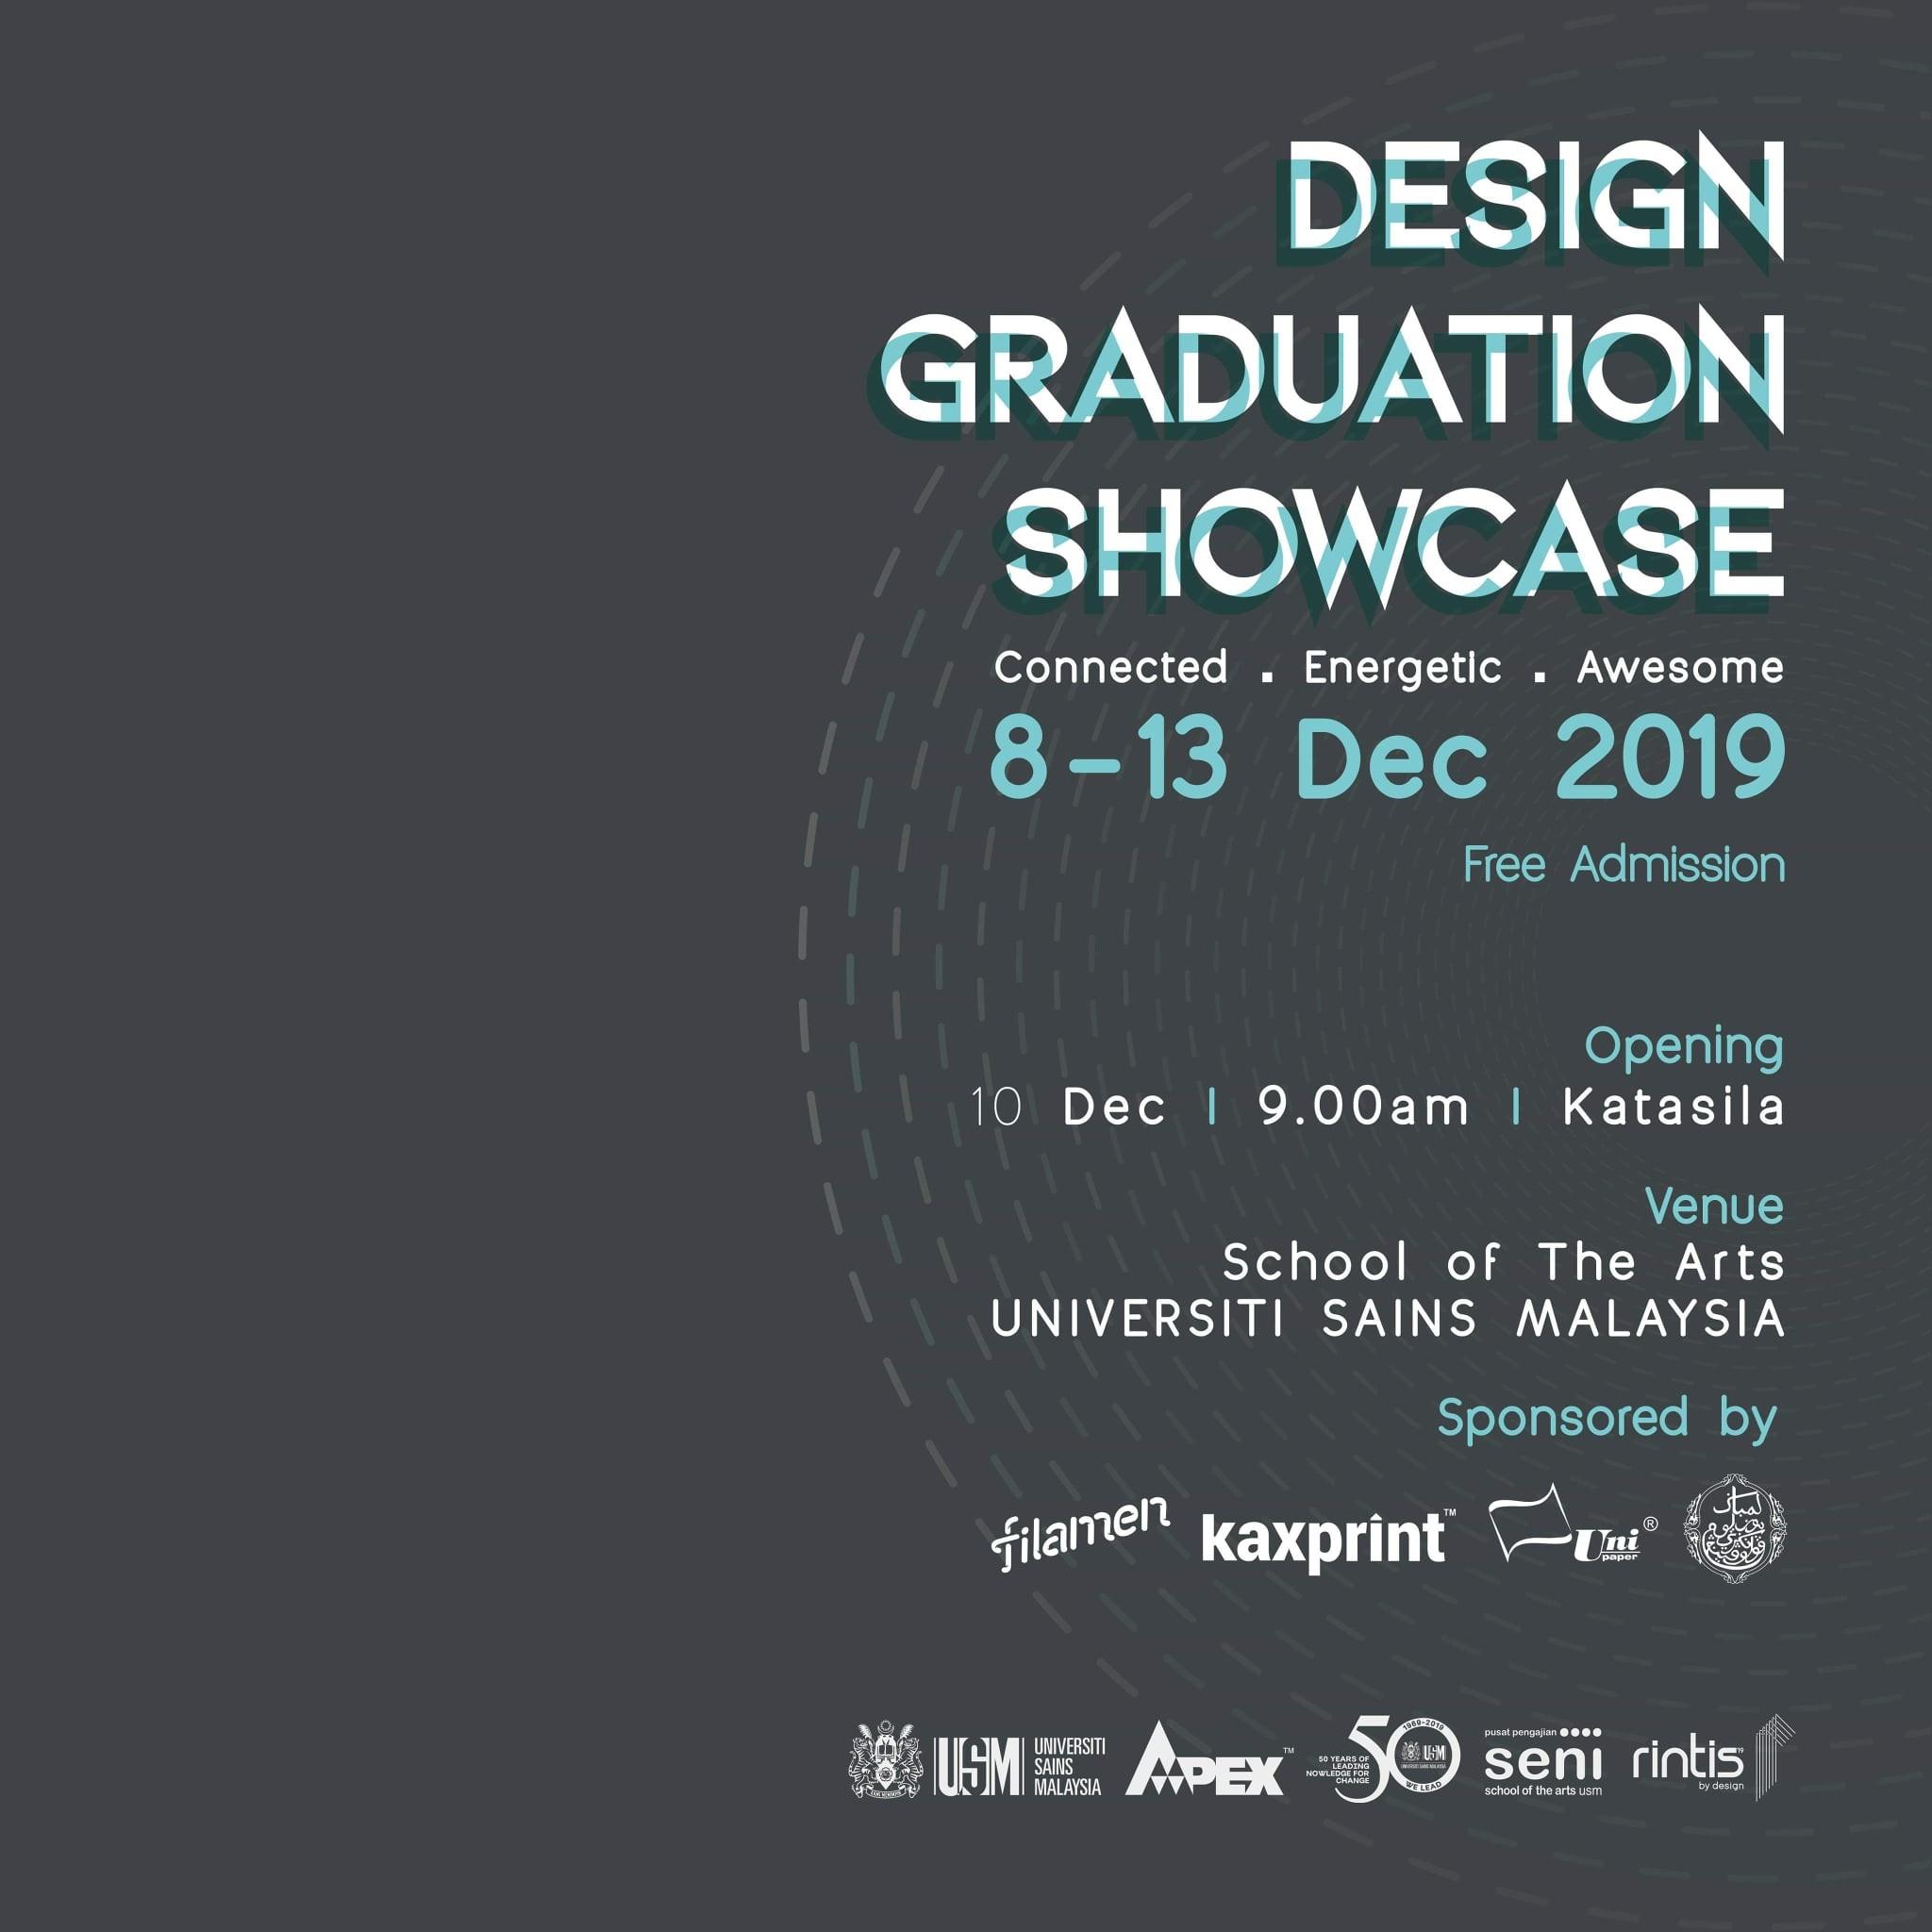 马来西亚理科大学2019设计展又来了!